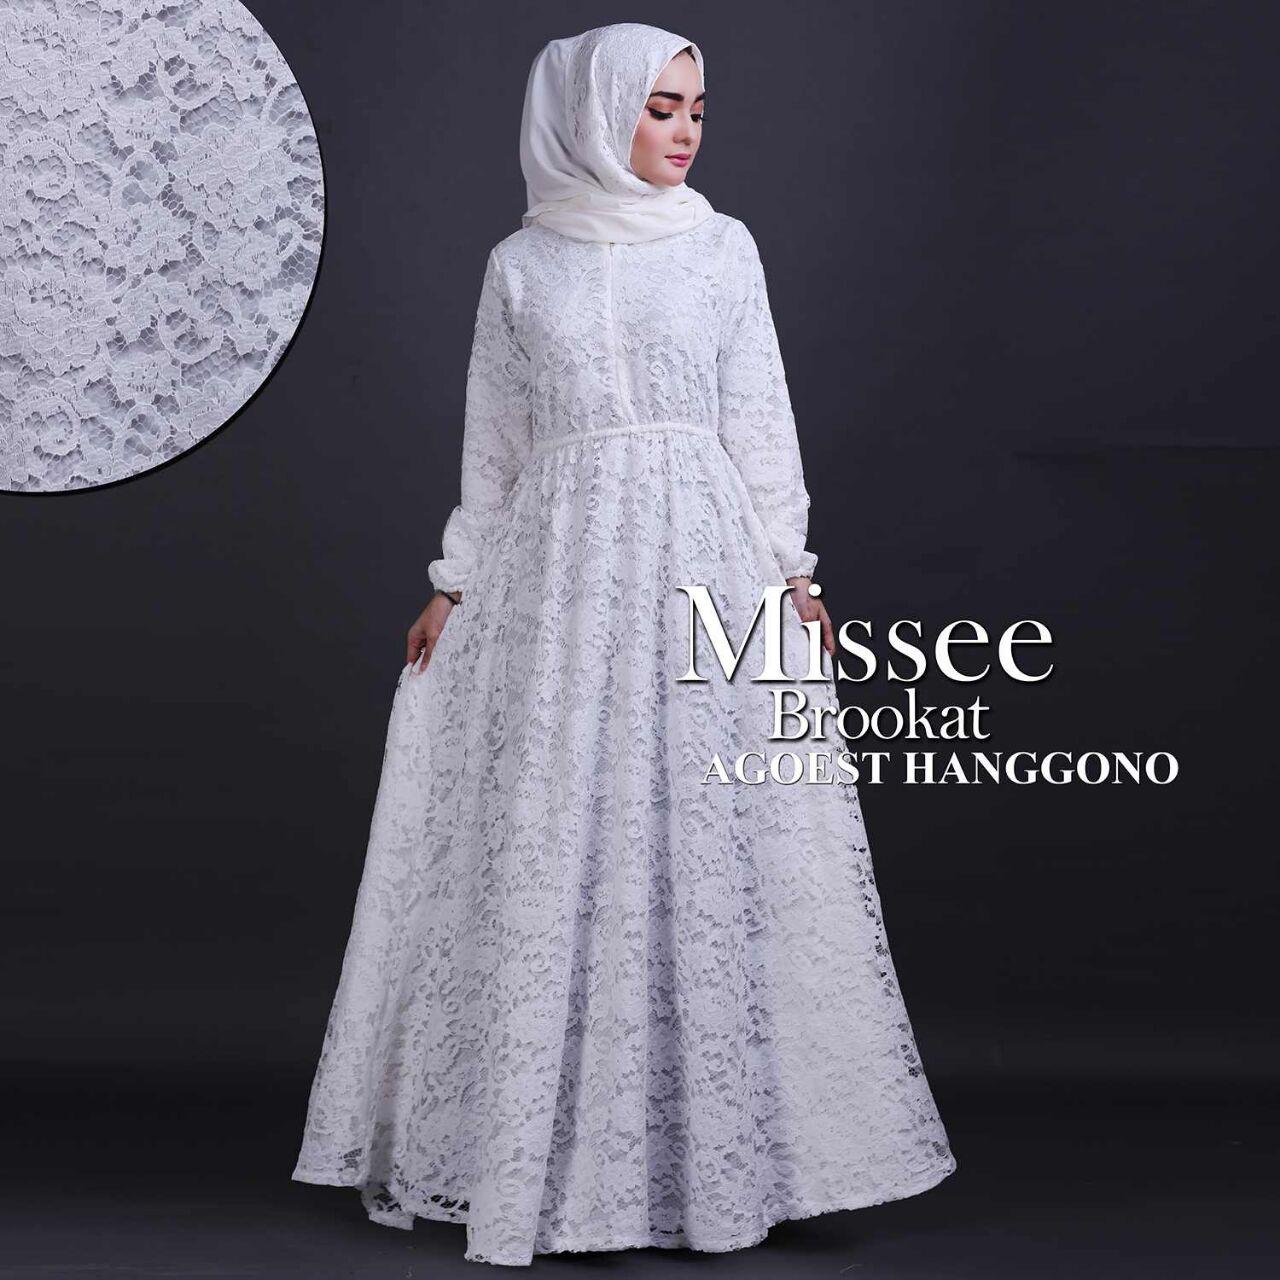 Jual Jual Baju Vintage Hijab Missee Dress By Agoest Hanggono